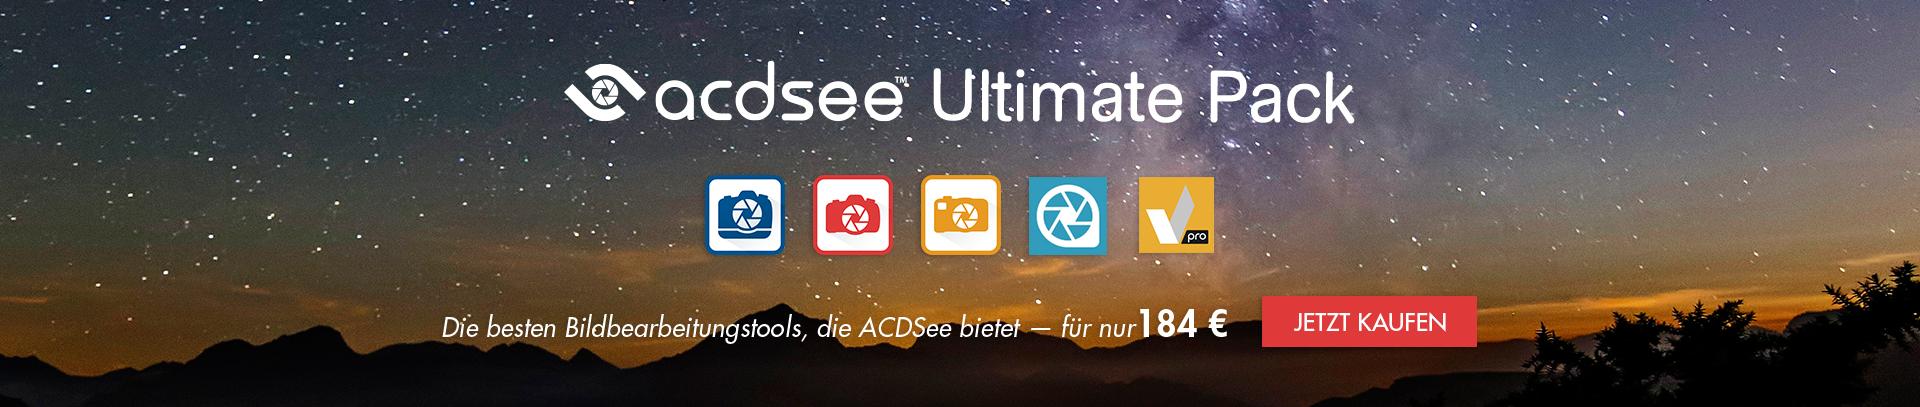 UltimateBack-Banner-EN